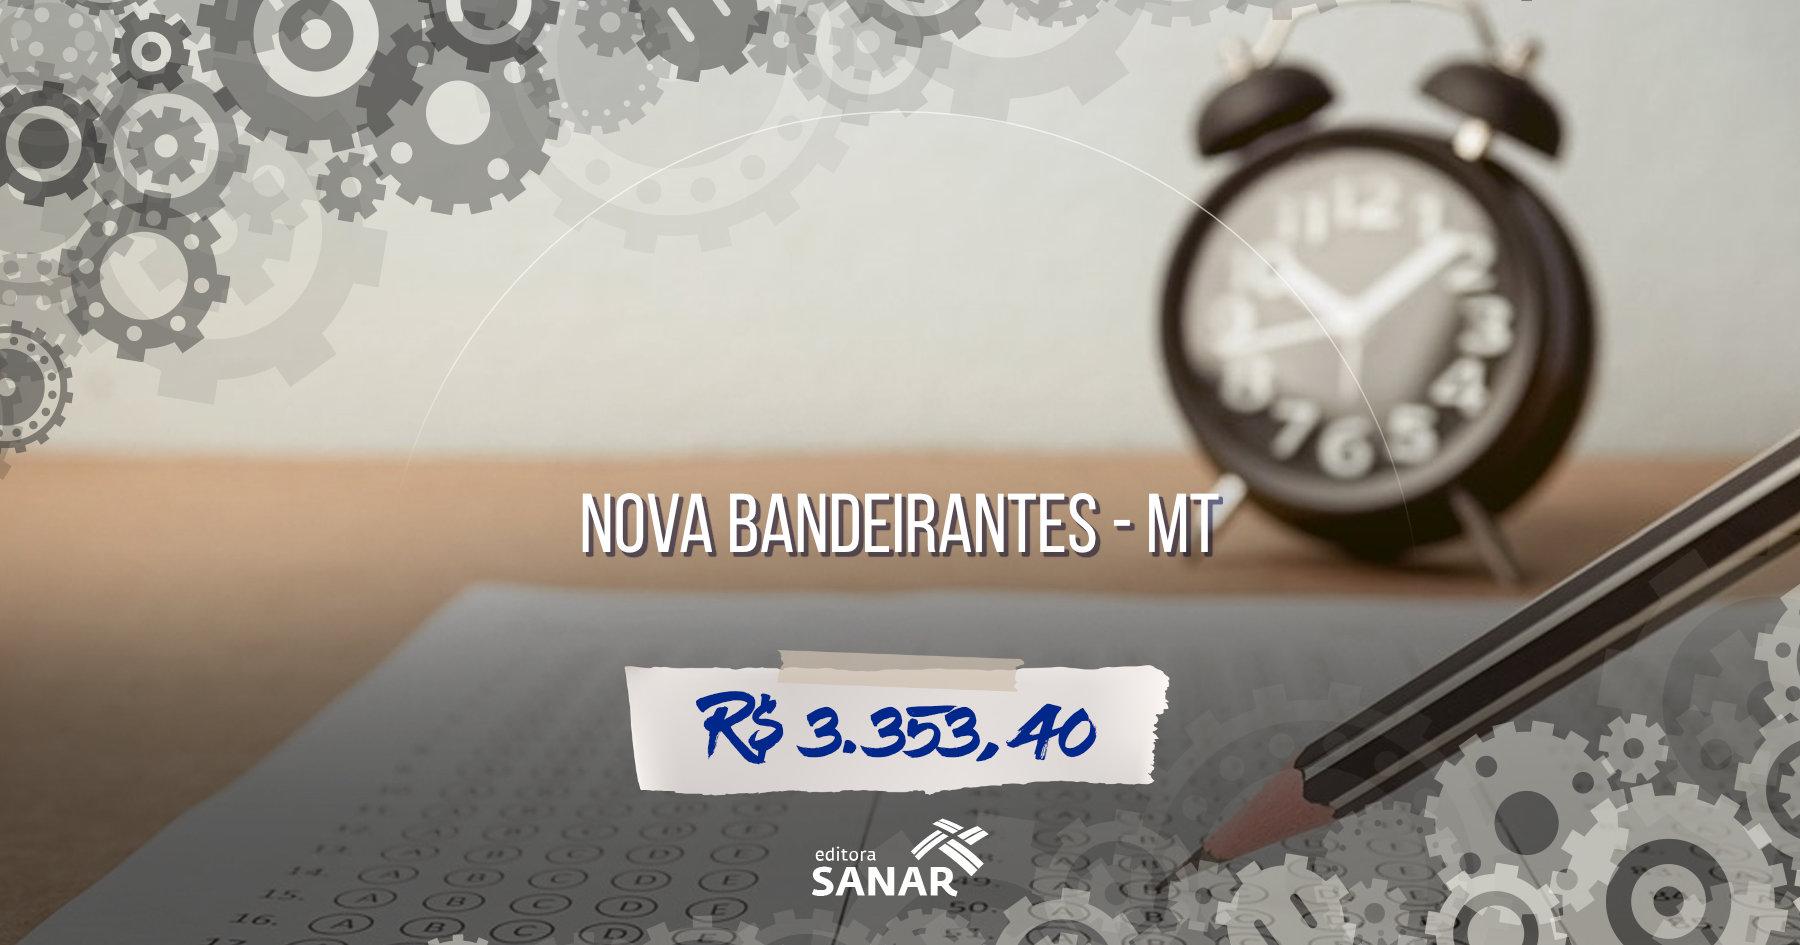 Prefeitura de Nova Bandeirantes (MT) seleciona profissionais de Odontologia, Farmácia e Enfermagem